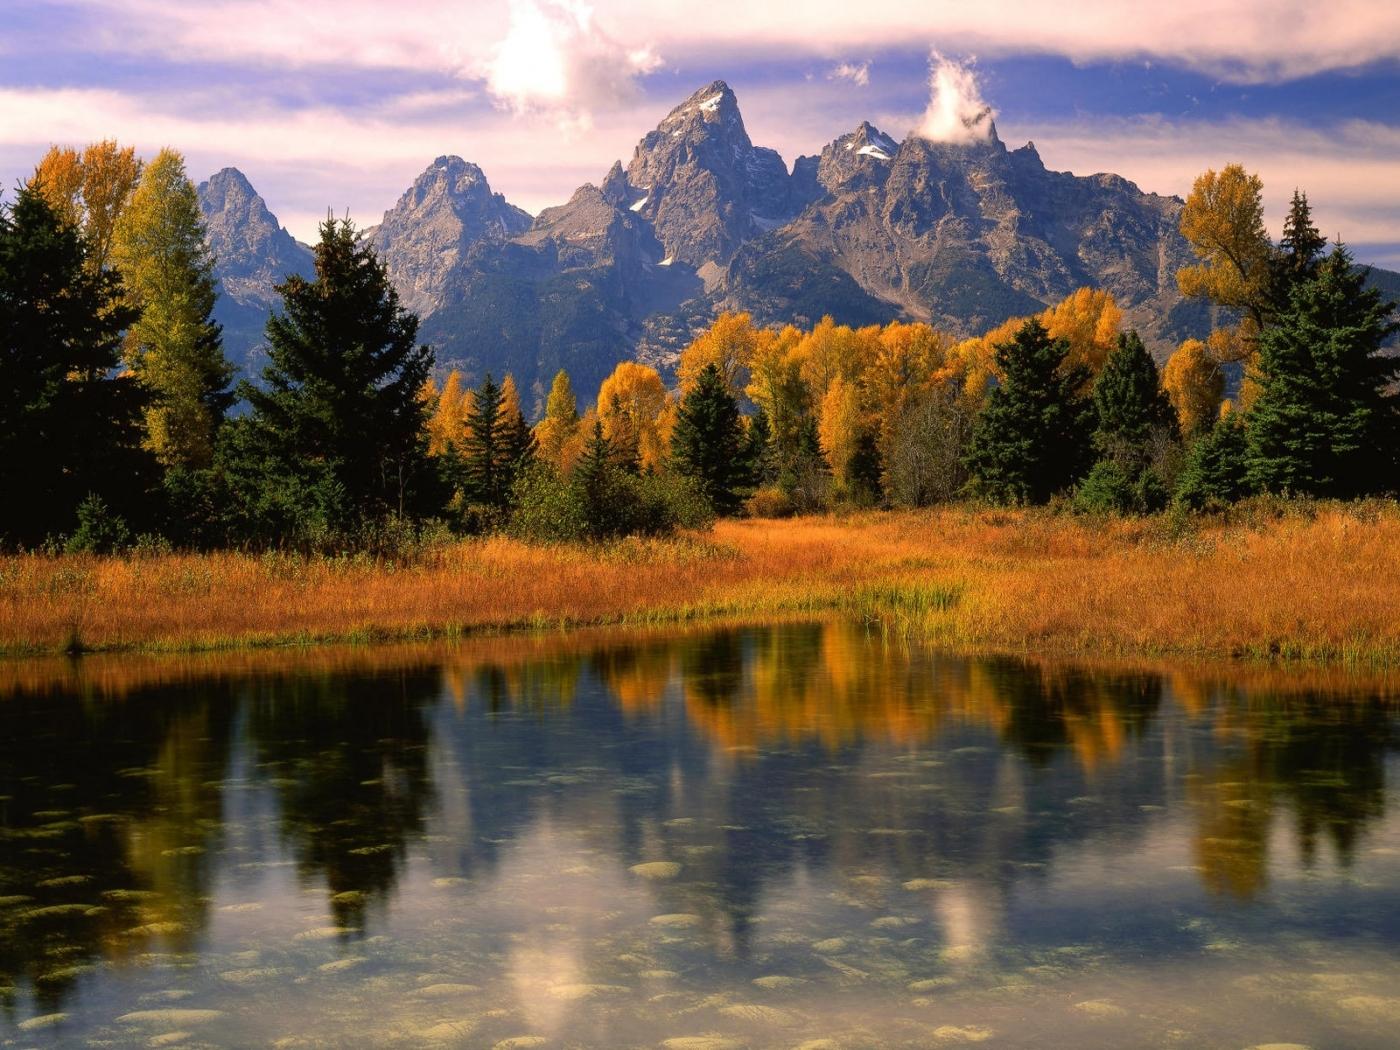 23407 скачать обои Пейзаж, Река, Деревья, Горы - заставки и картинки бесплатно